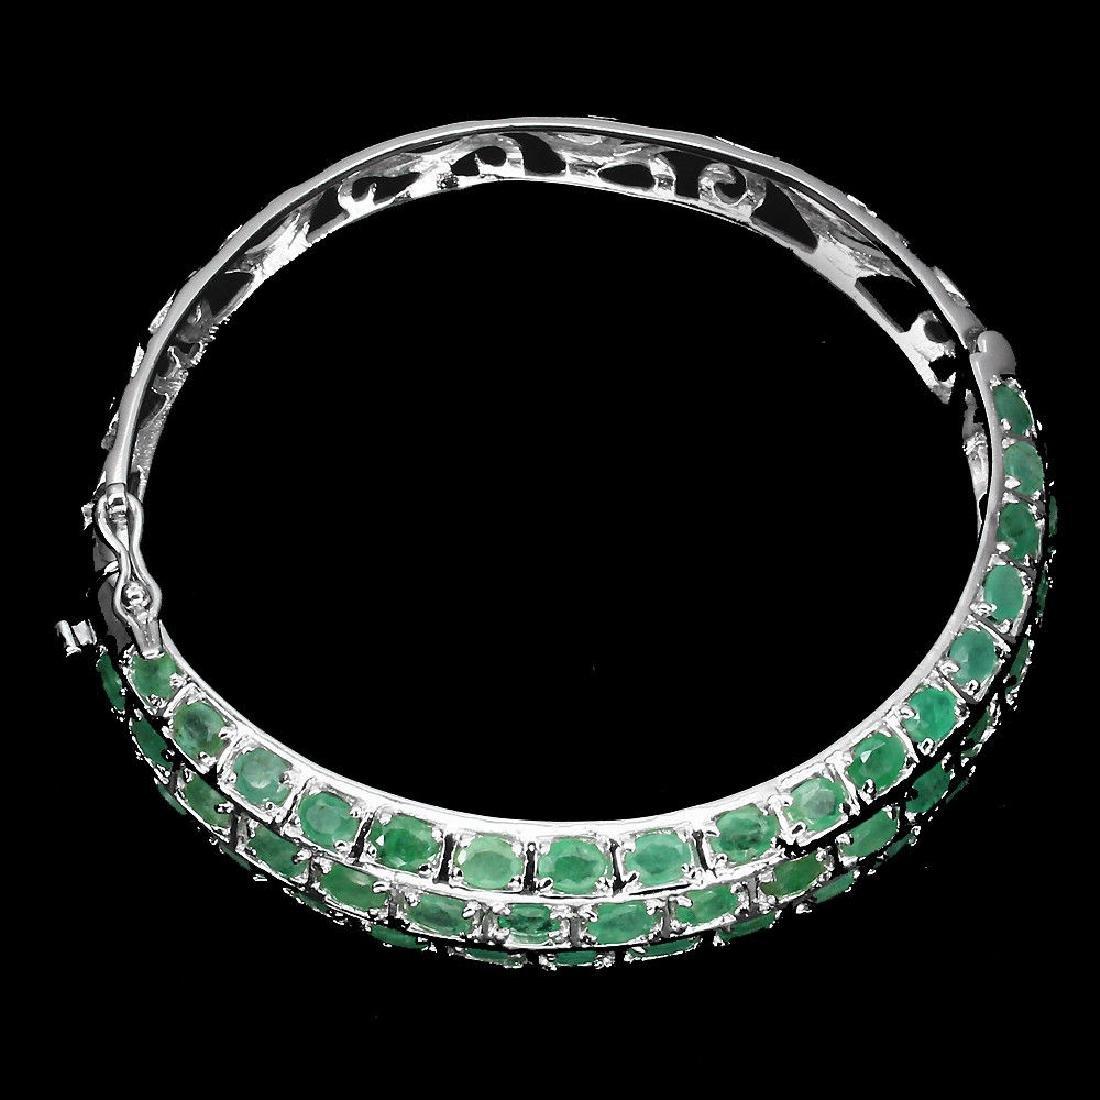 Natural  Rich Green Emerald 122 Carats Bangle - 2